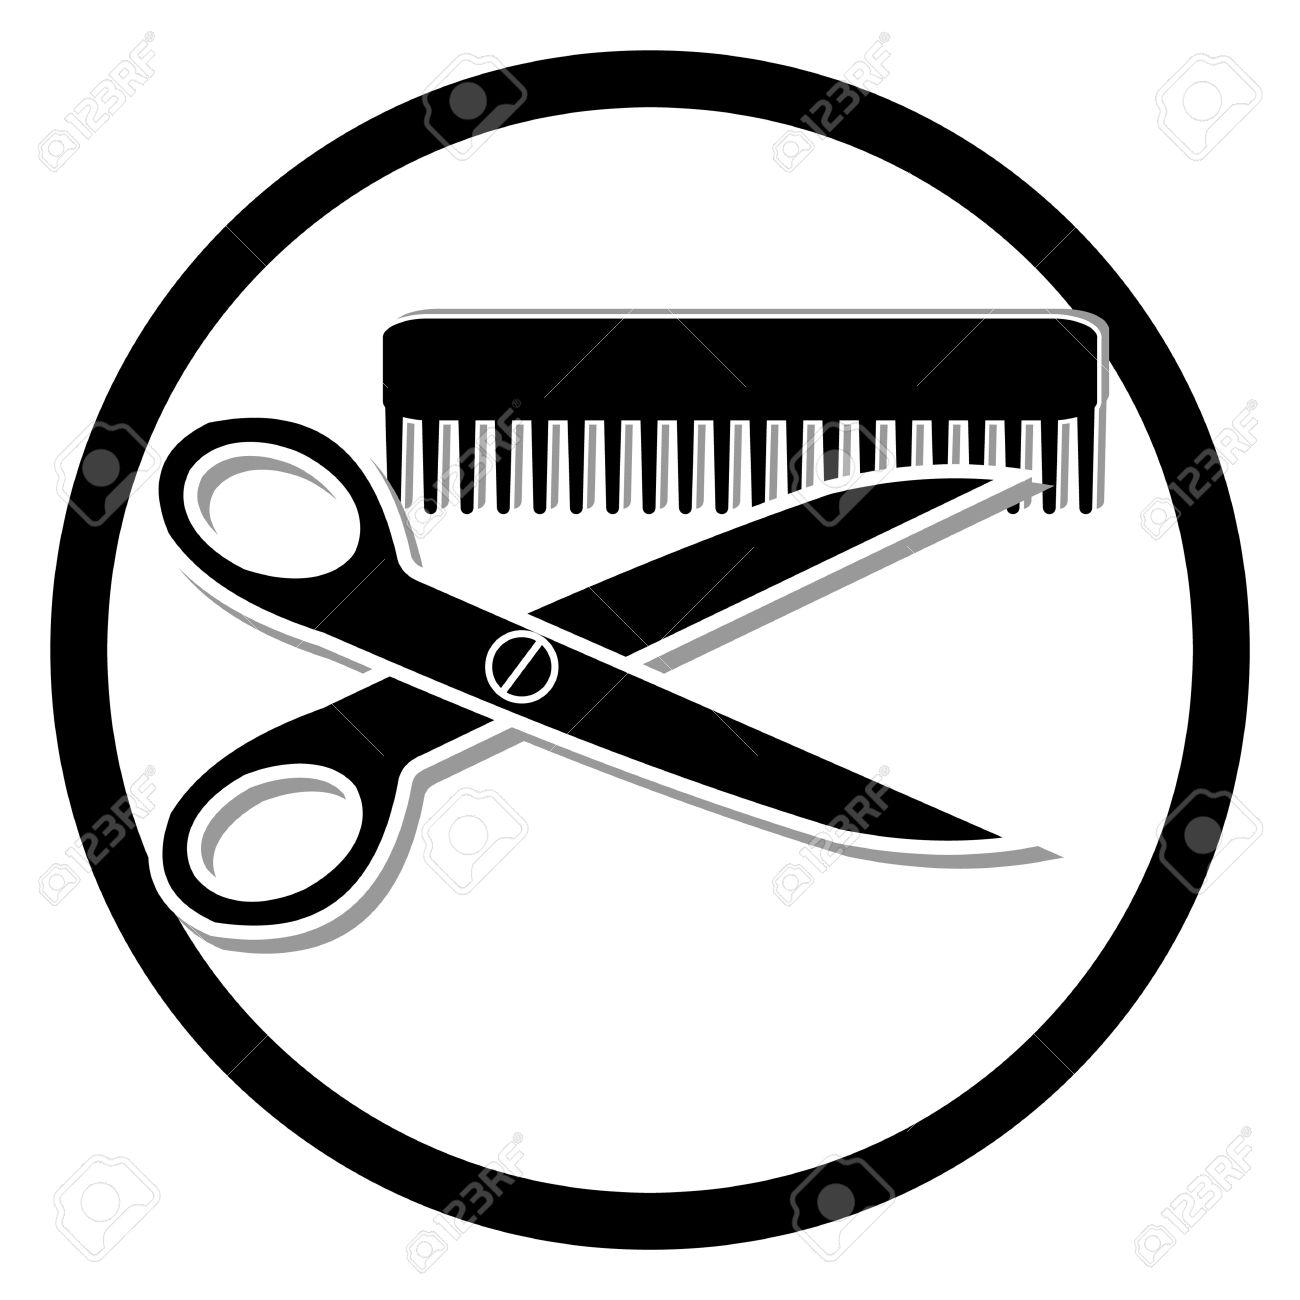 1188 Salon free clipart.